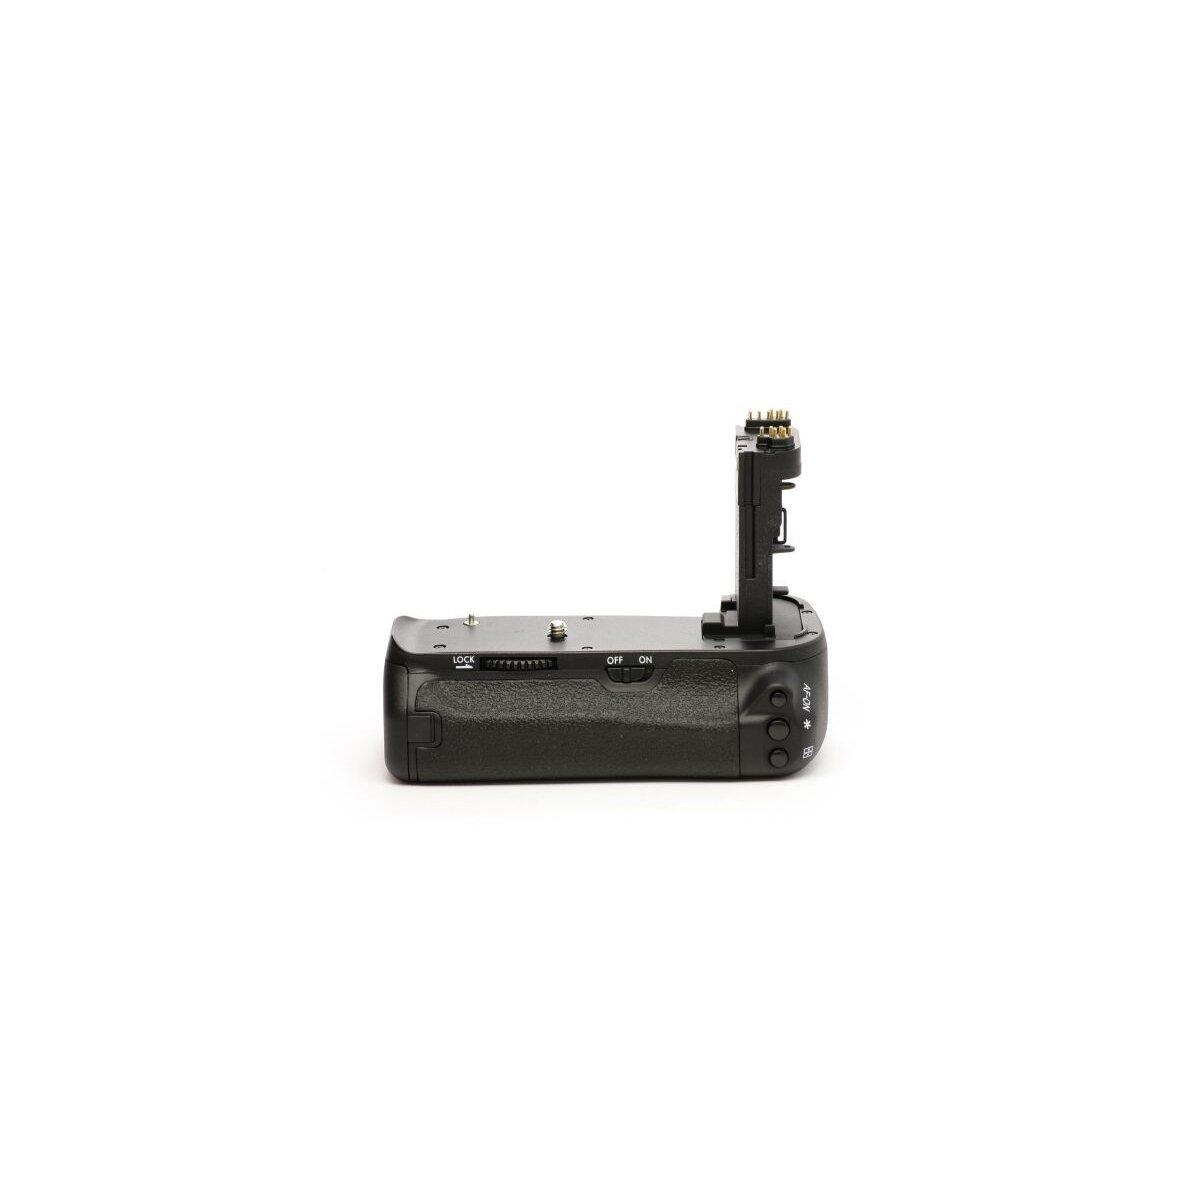 Minadax Profi Batteriegriff kompatibel mit Canon EOS 6D - Ersatz für BG-E13 - für 2x LP-E6 und 6x AA Batterien